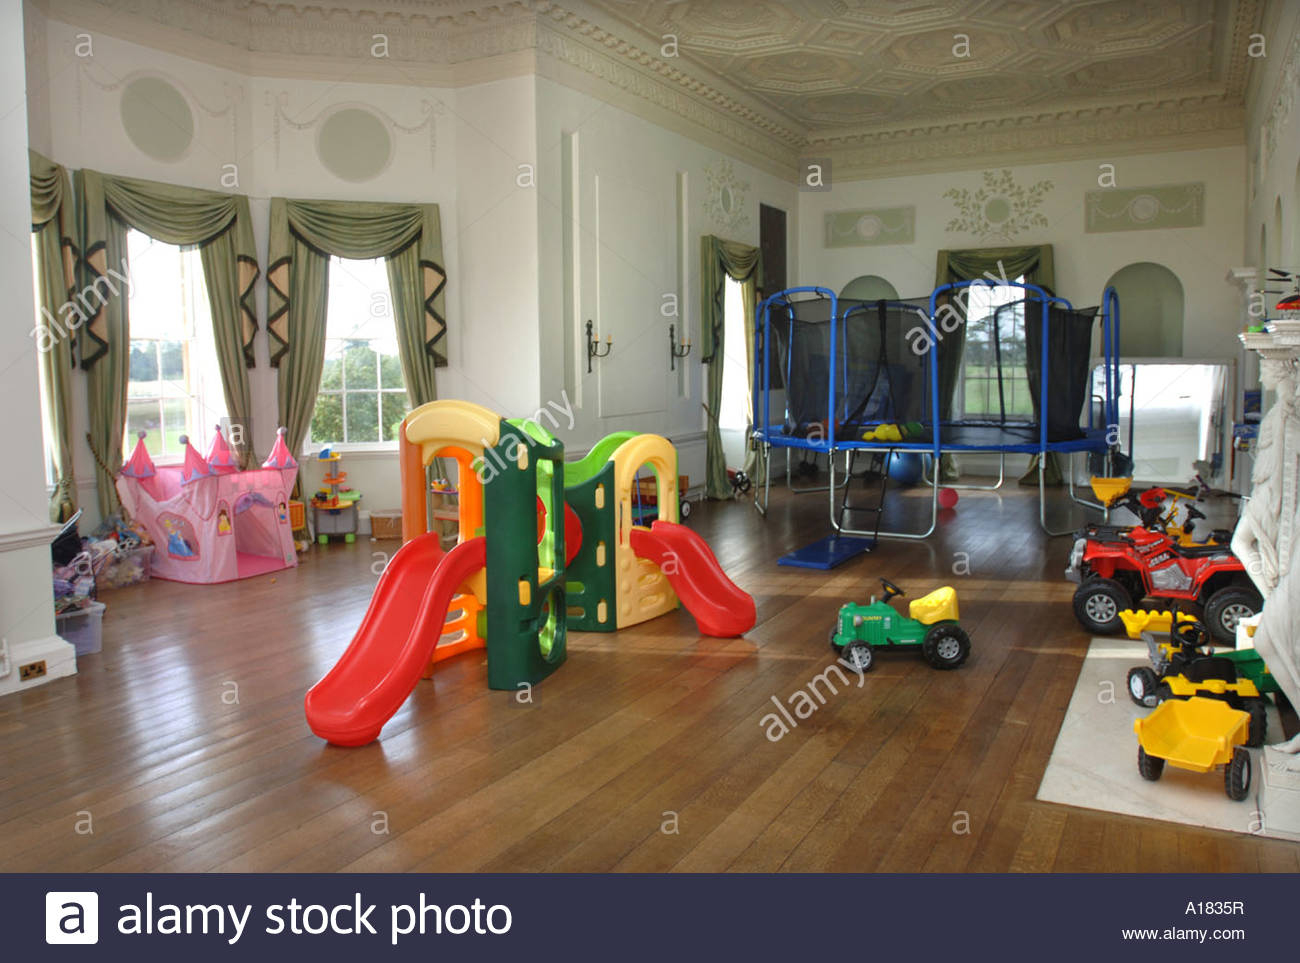 Une Salle De Jeux Pour Enfants Dans Une Grande Maison De pour Jeux De Grande Maison